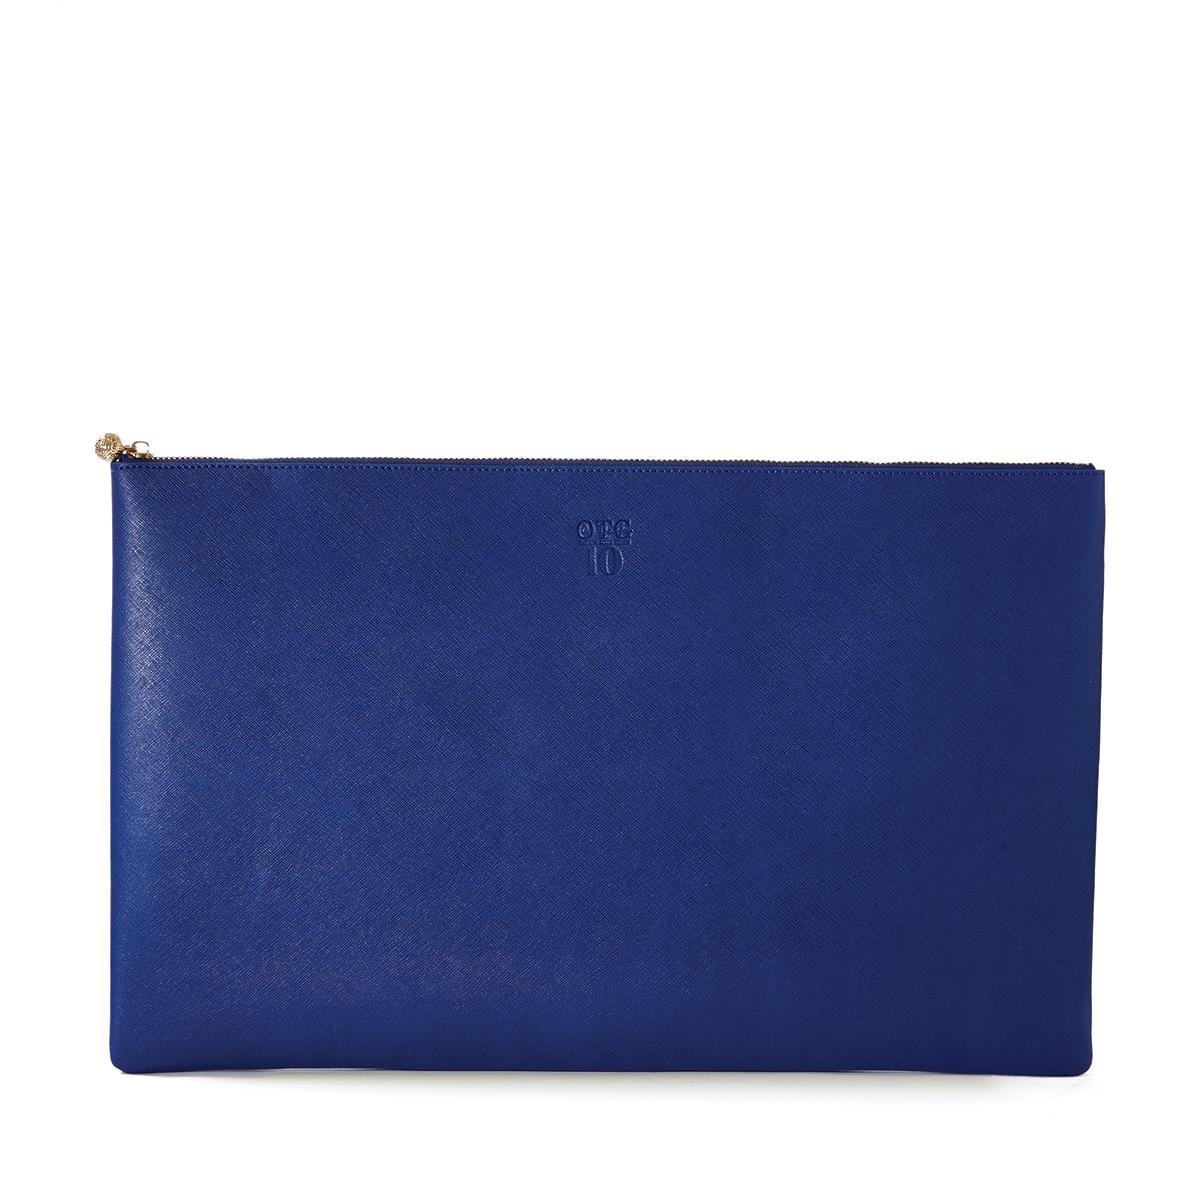 OTG247 Bag #10 Solid